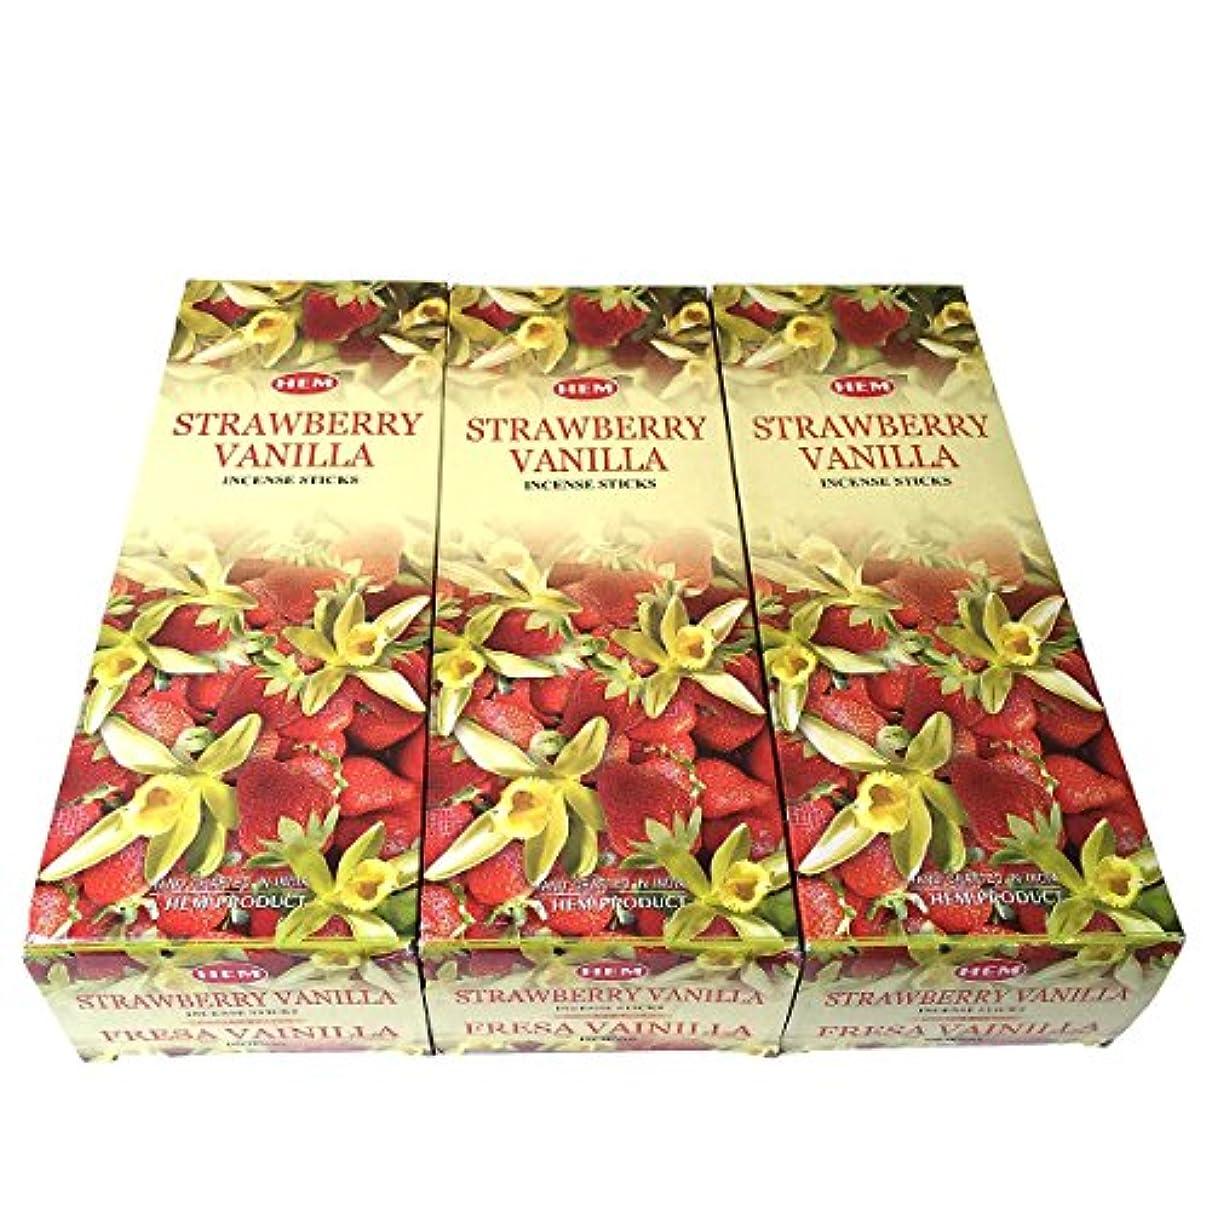 ゴミ箱やめる個人ストロベリーバニラ香スティック 3BOX(18箱) /HEM STRAWBERRY VANILLA/インセンス/インド香 お香 [並行輸入品]